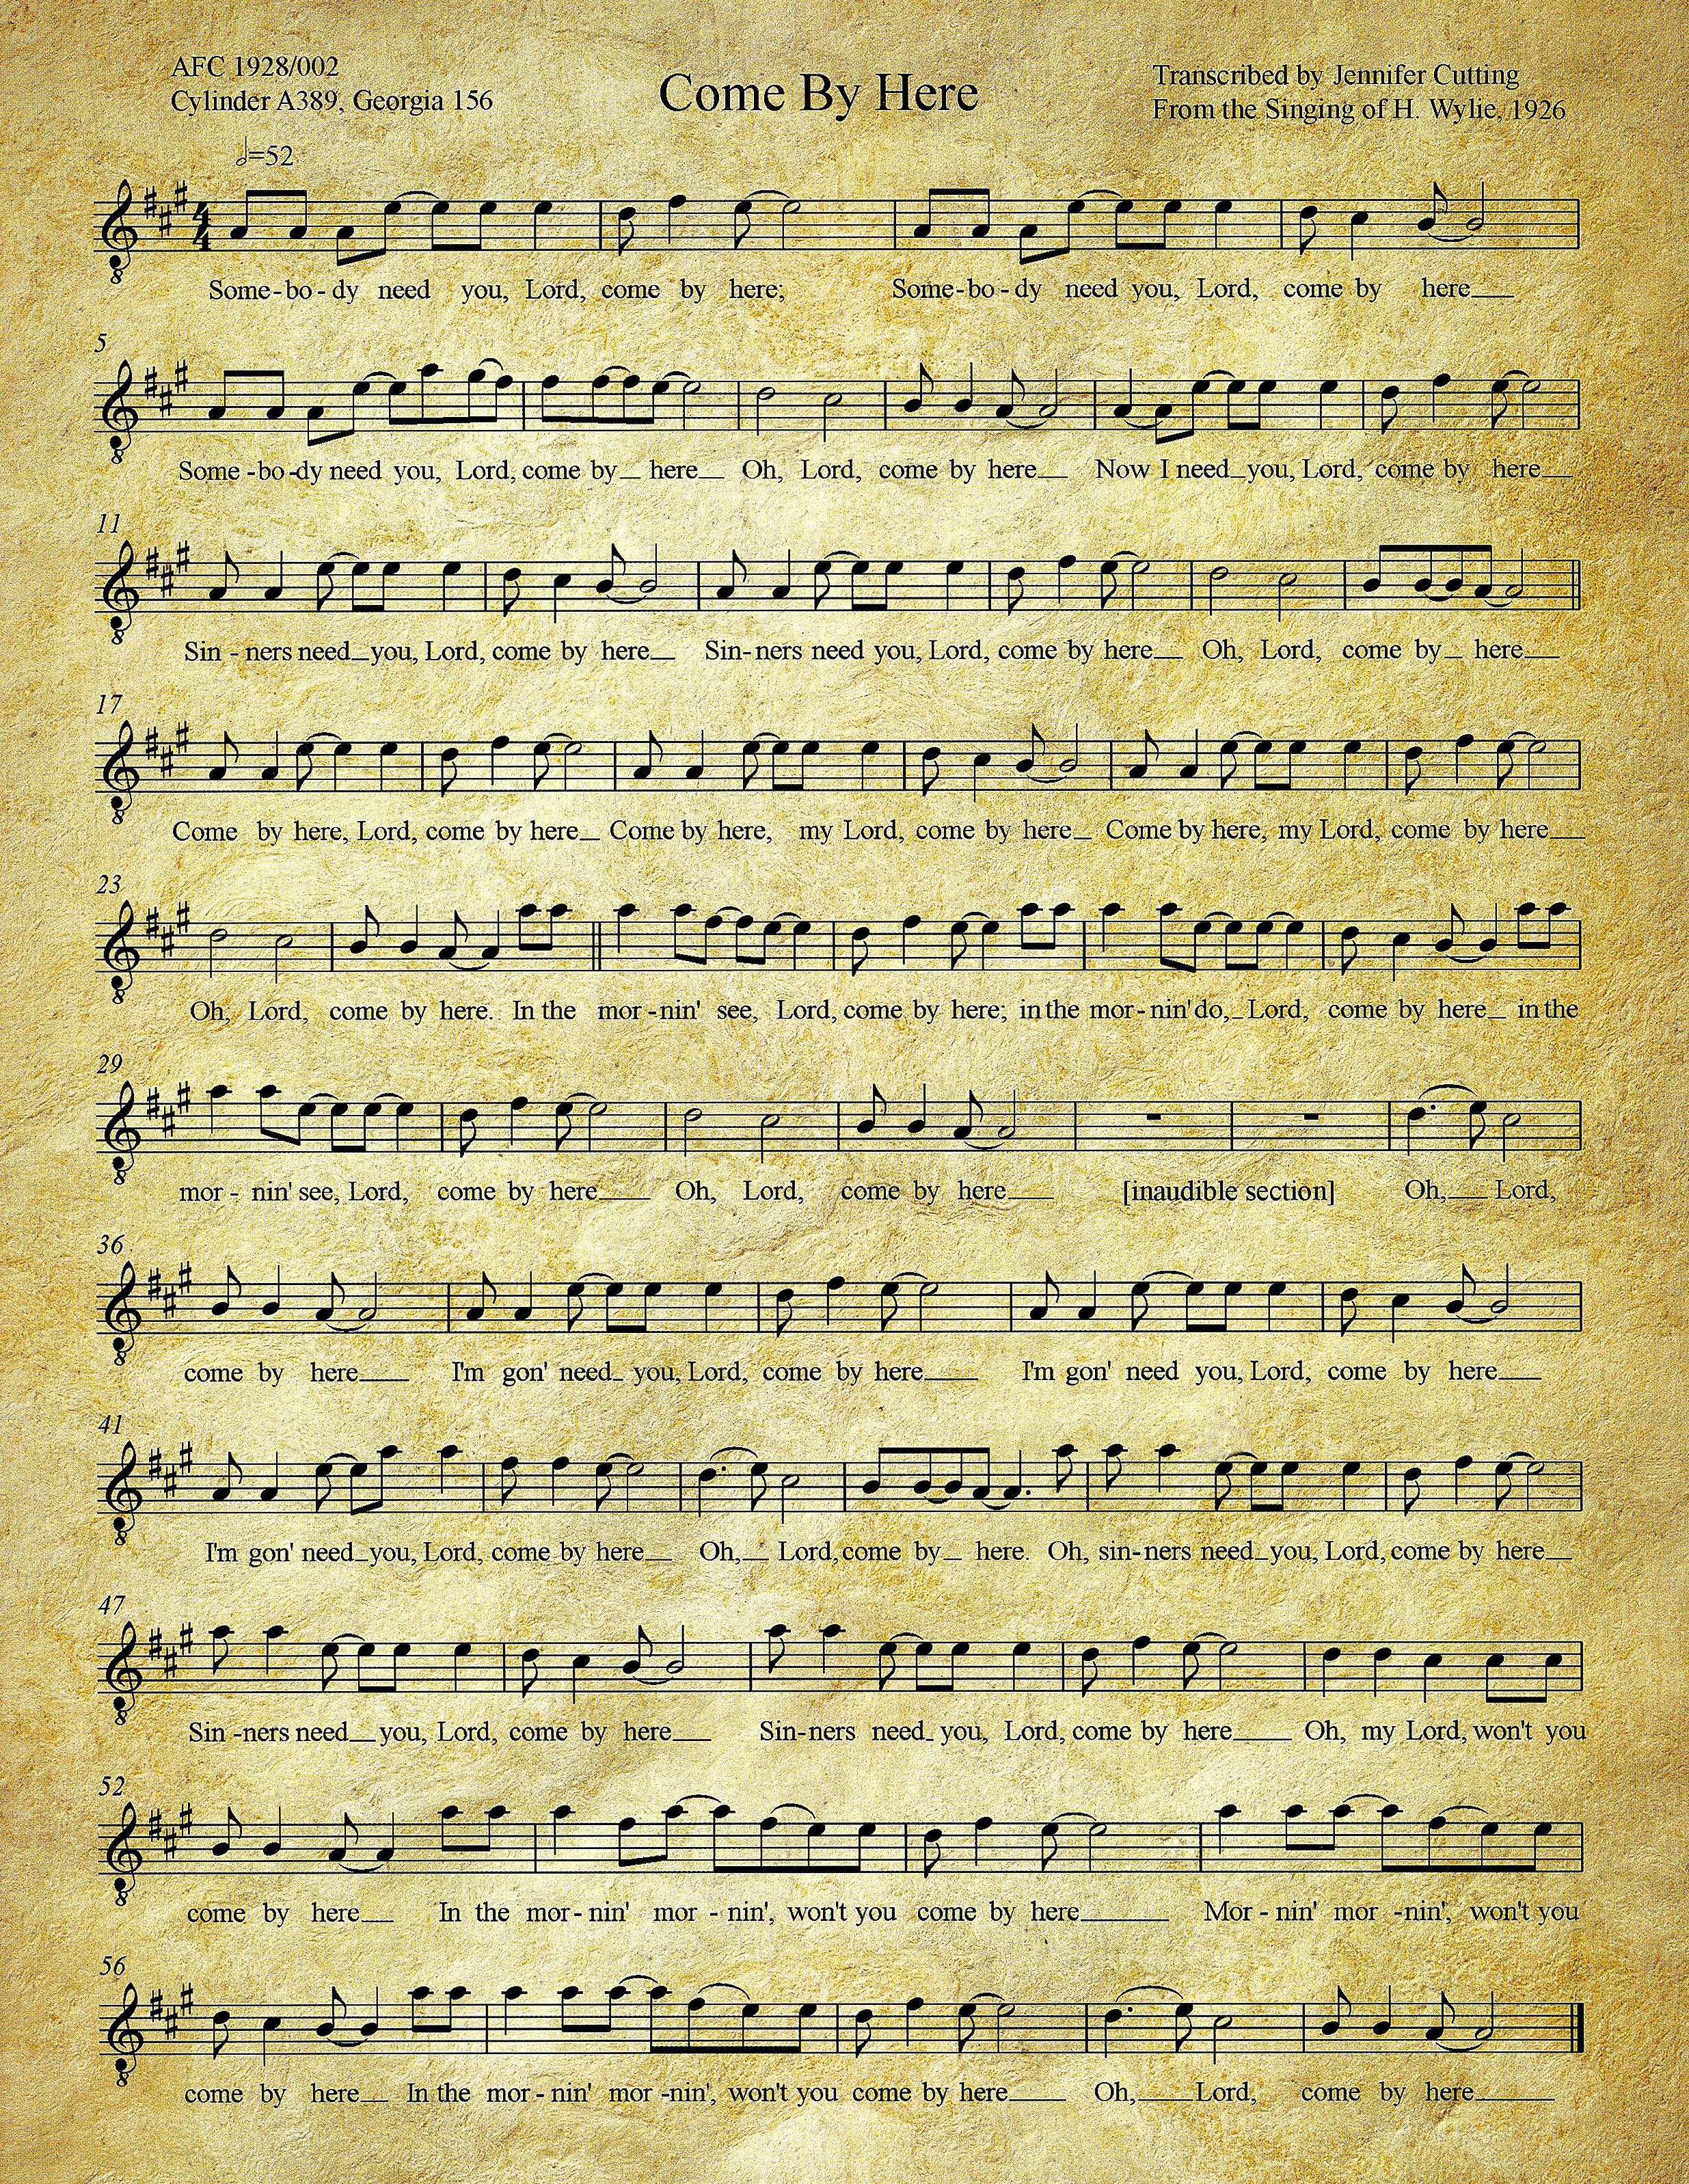 the folk music revival of